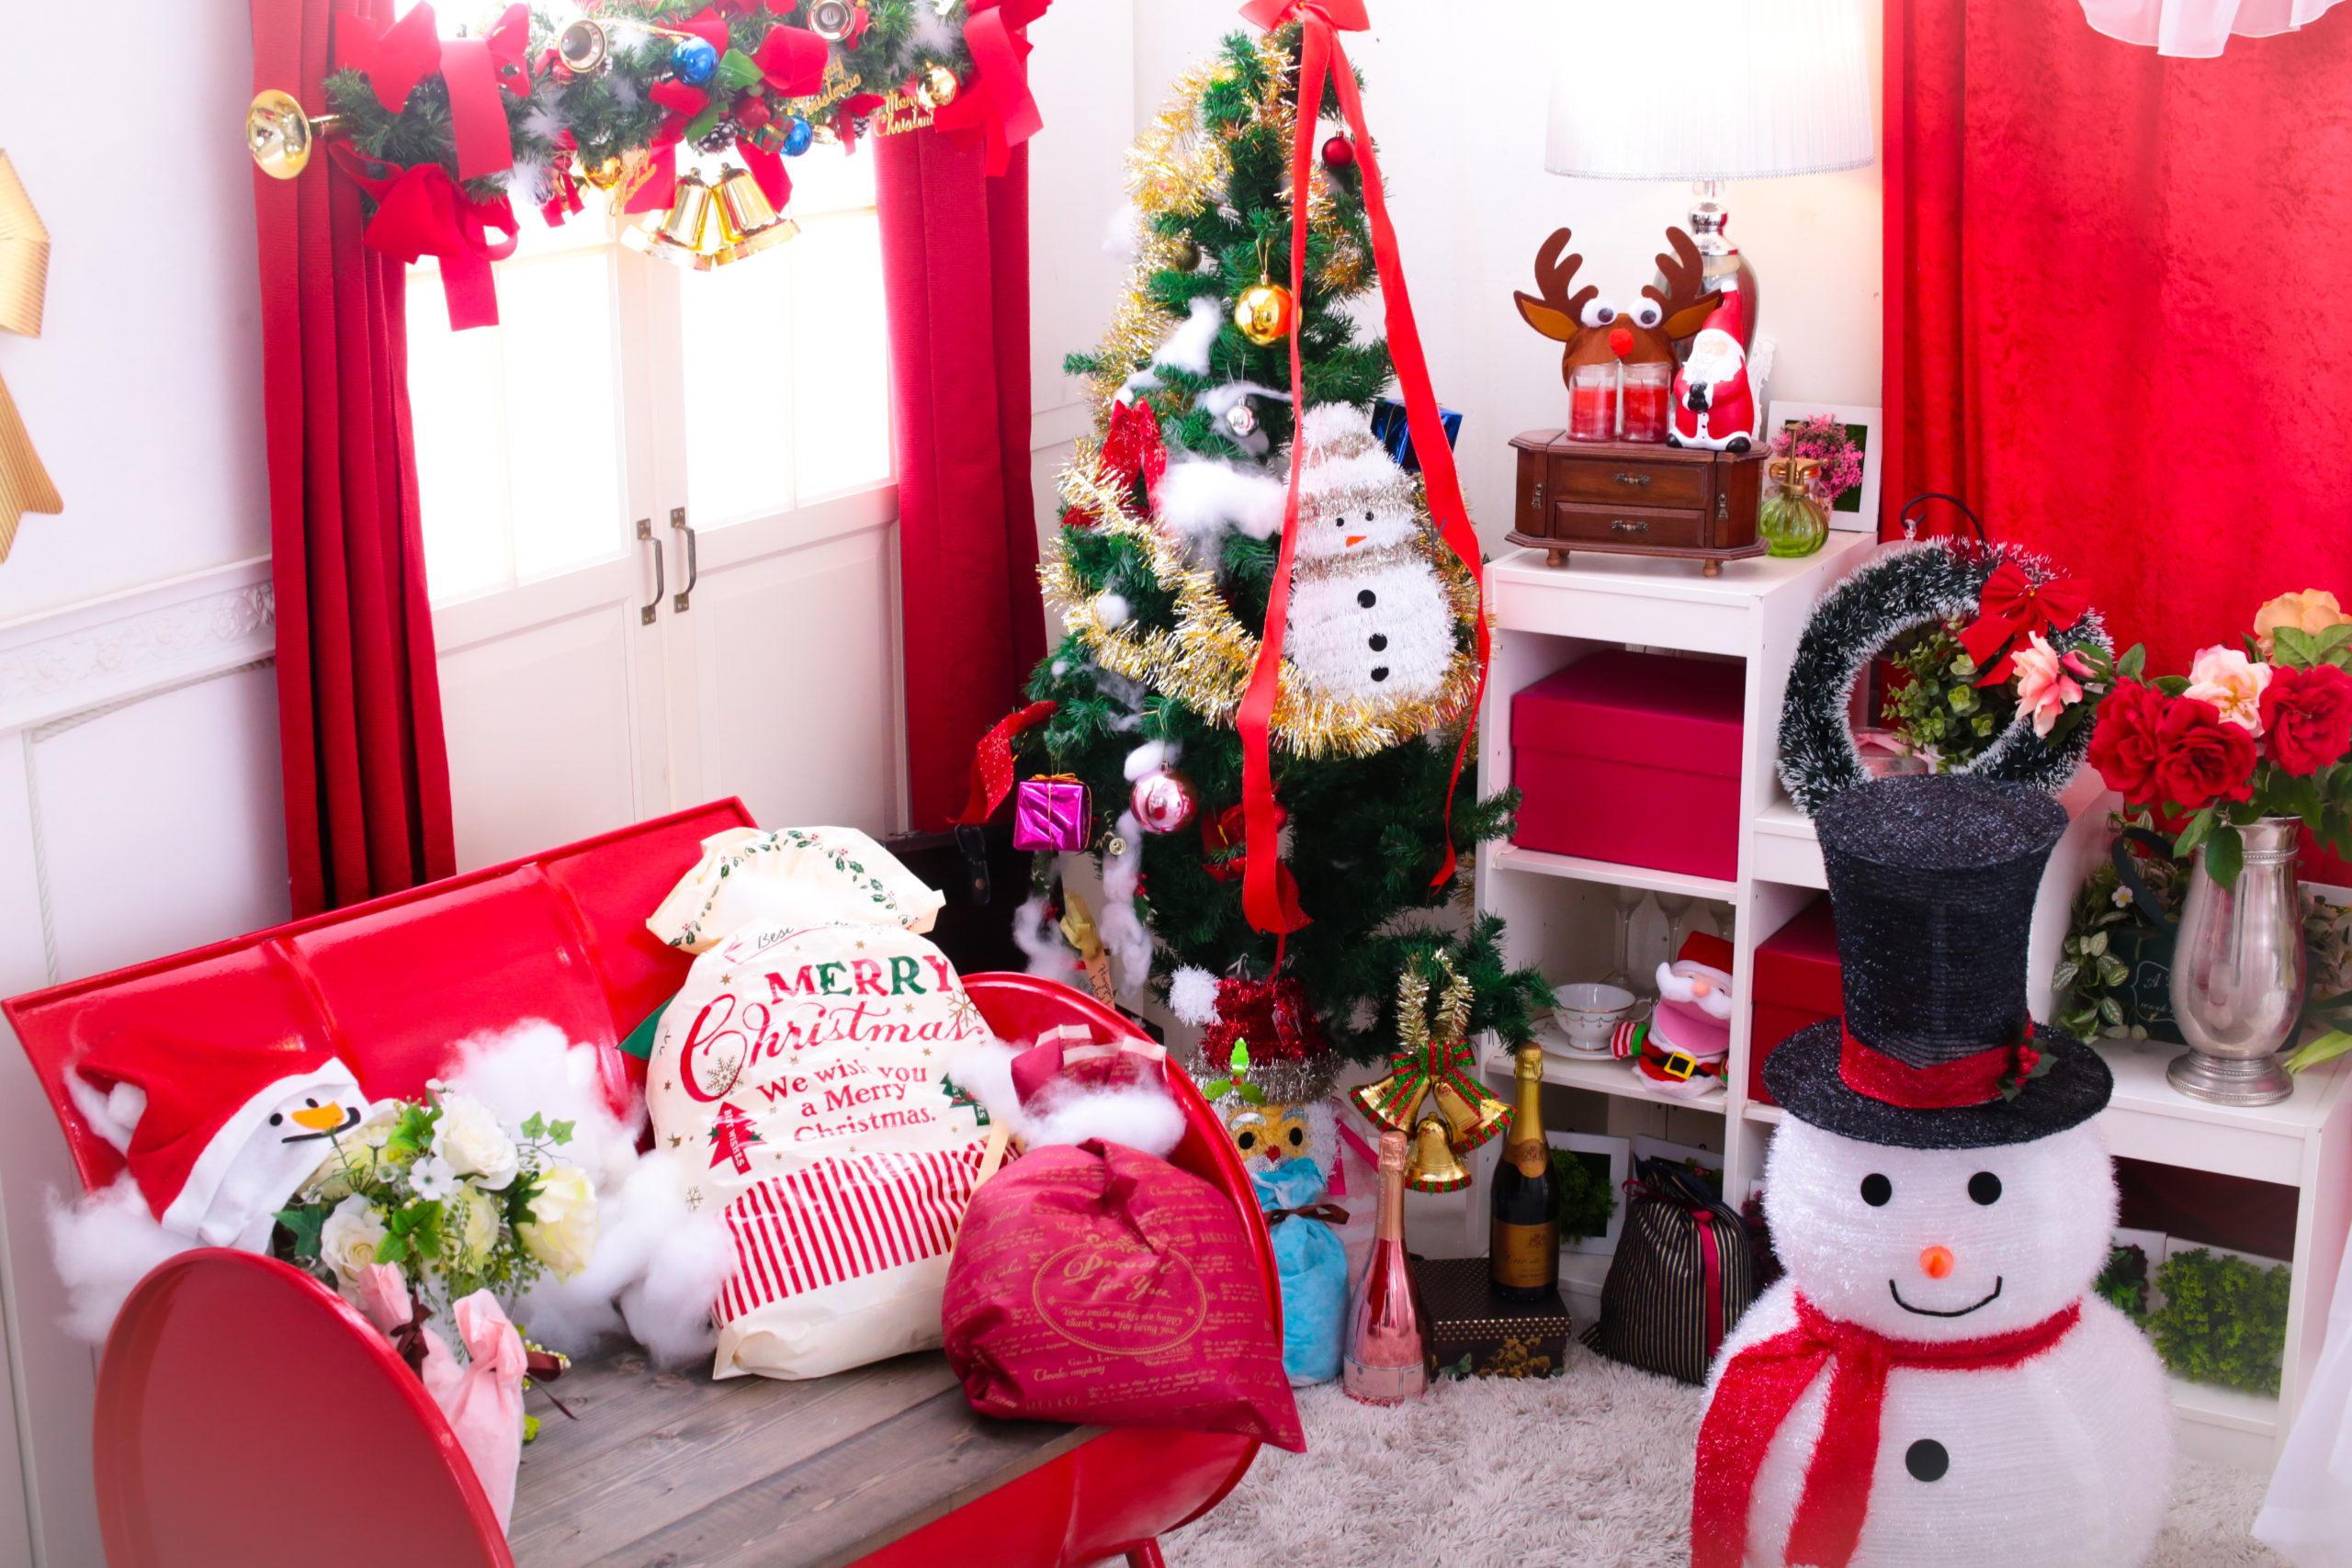 クリスマスの撮影背景